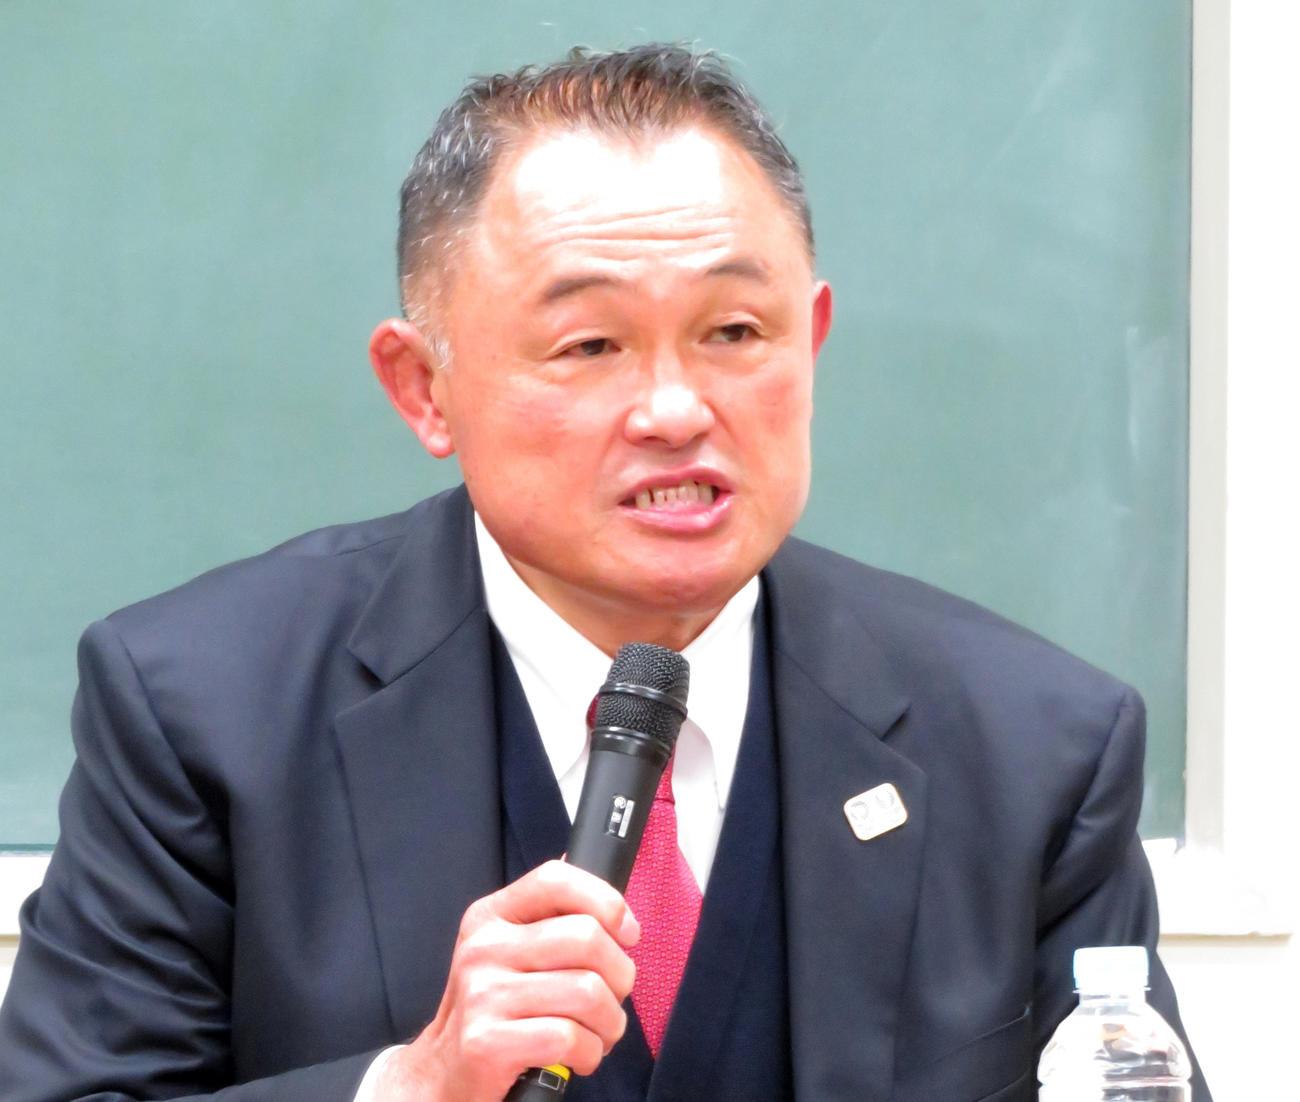 パワハラ騒動について説明する全日本柔道連盟の山下泰裕会長(撮影・峯岸佑樹)